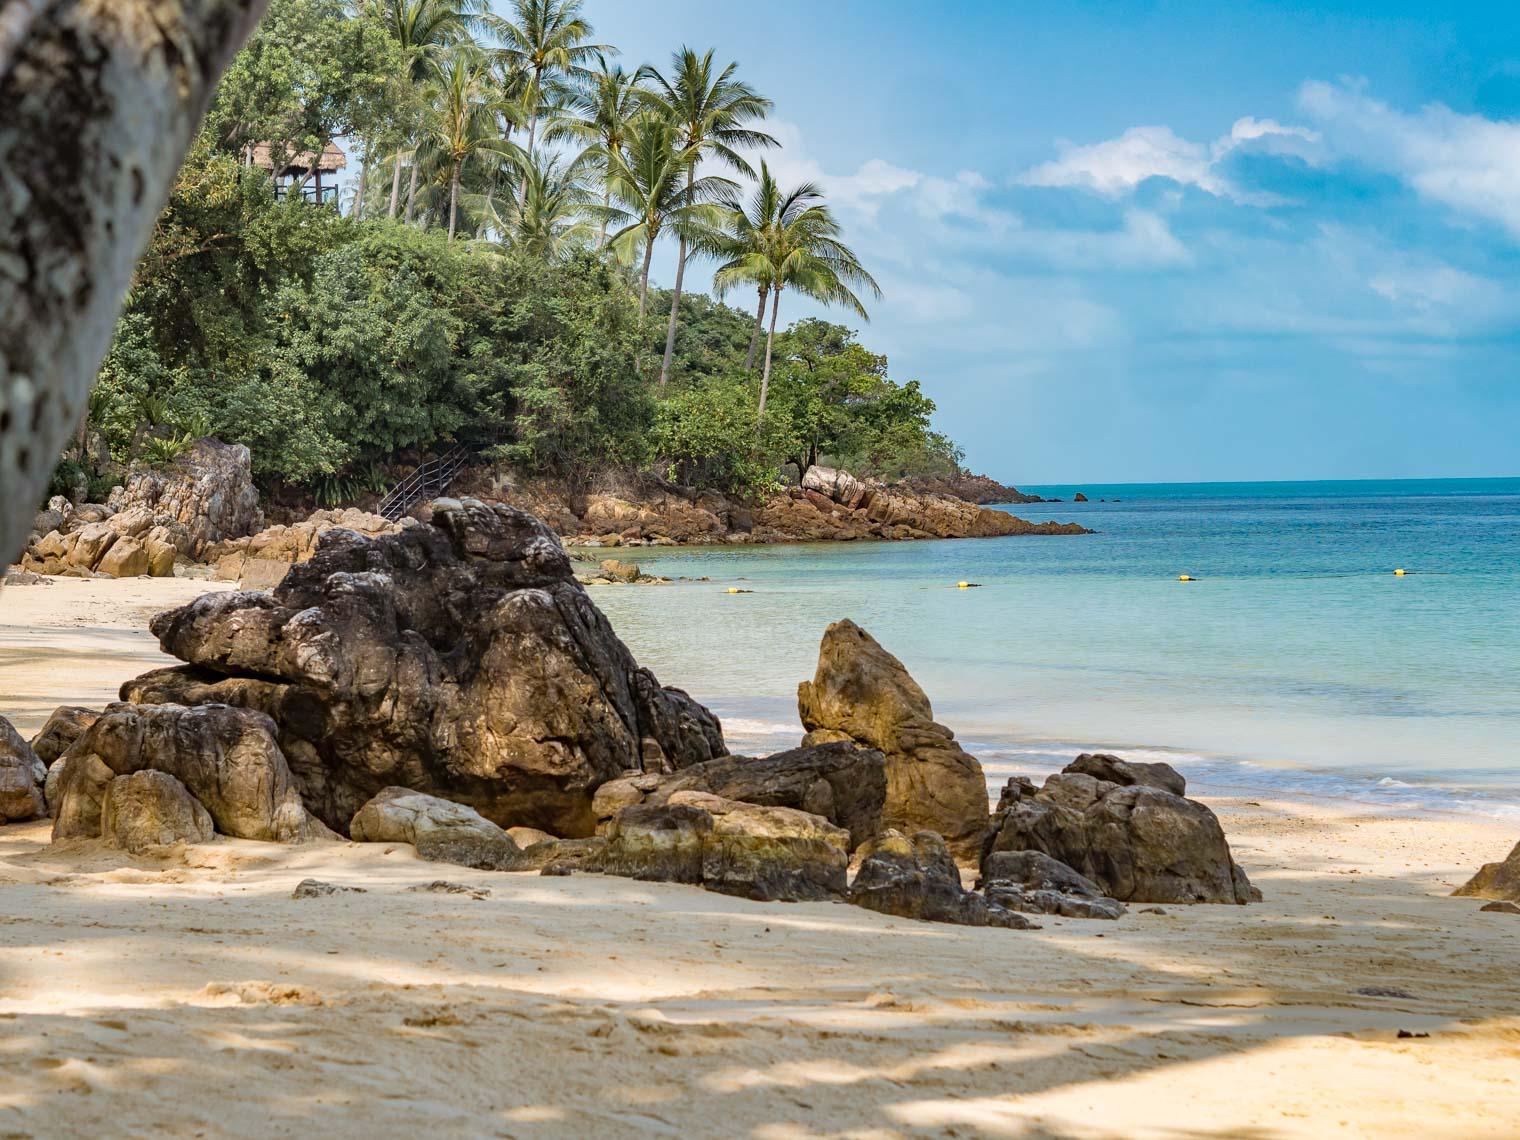 Beach at Four Seasons hotel Koh Samui